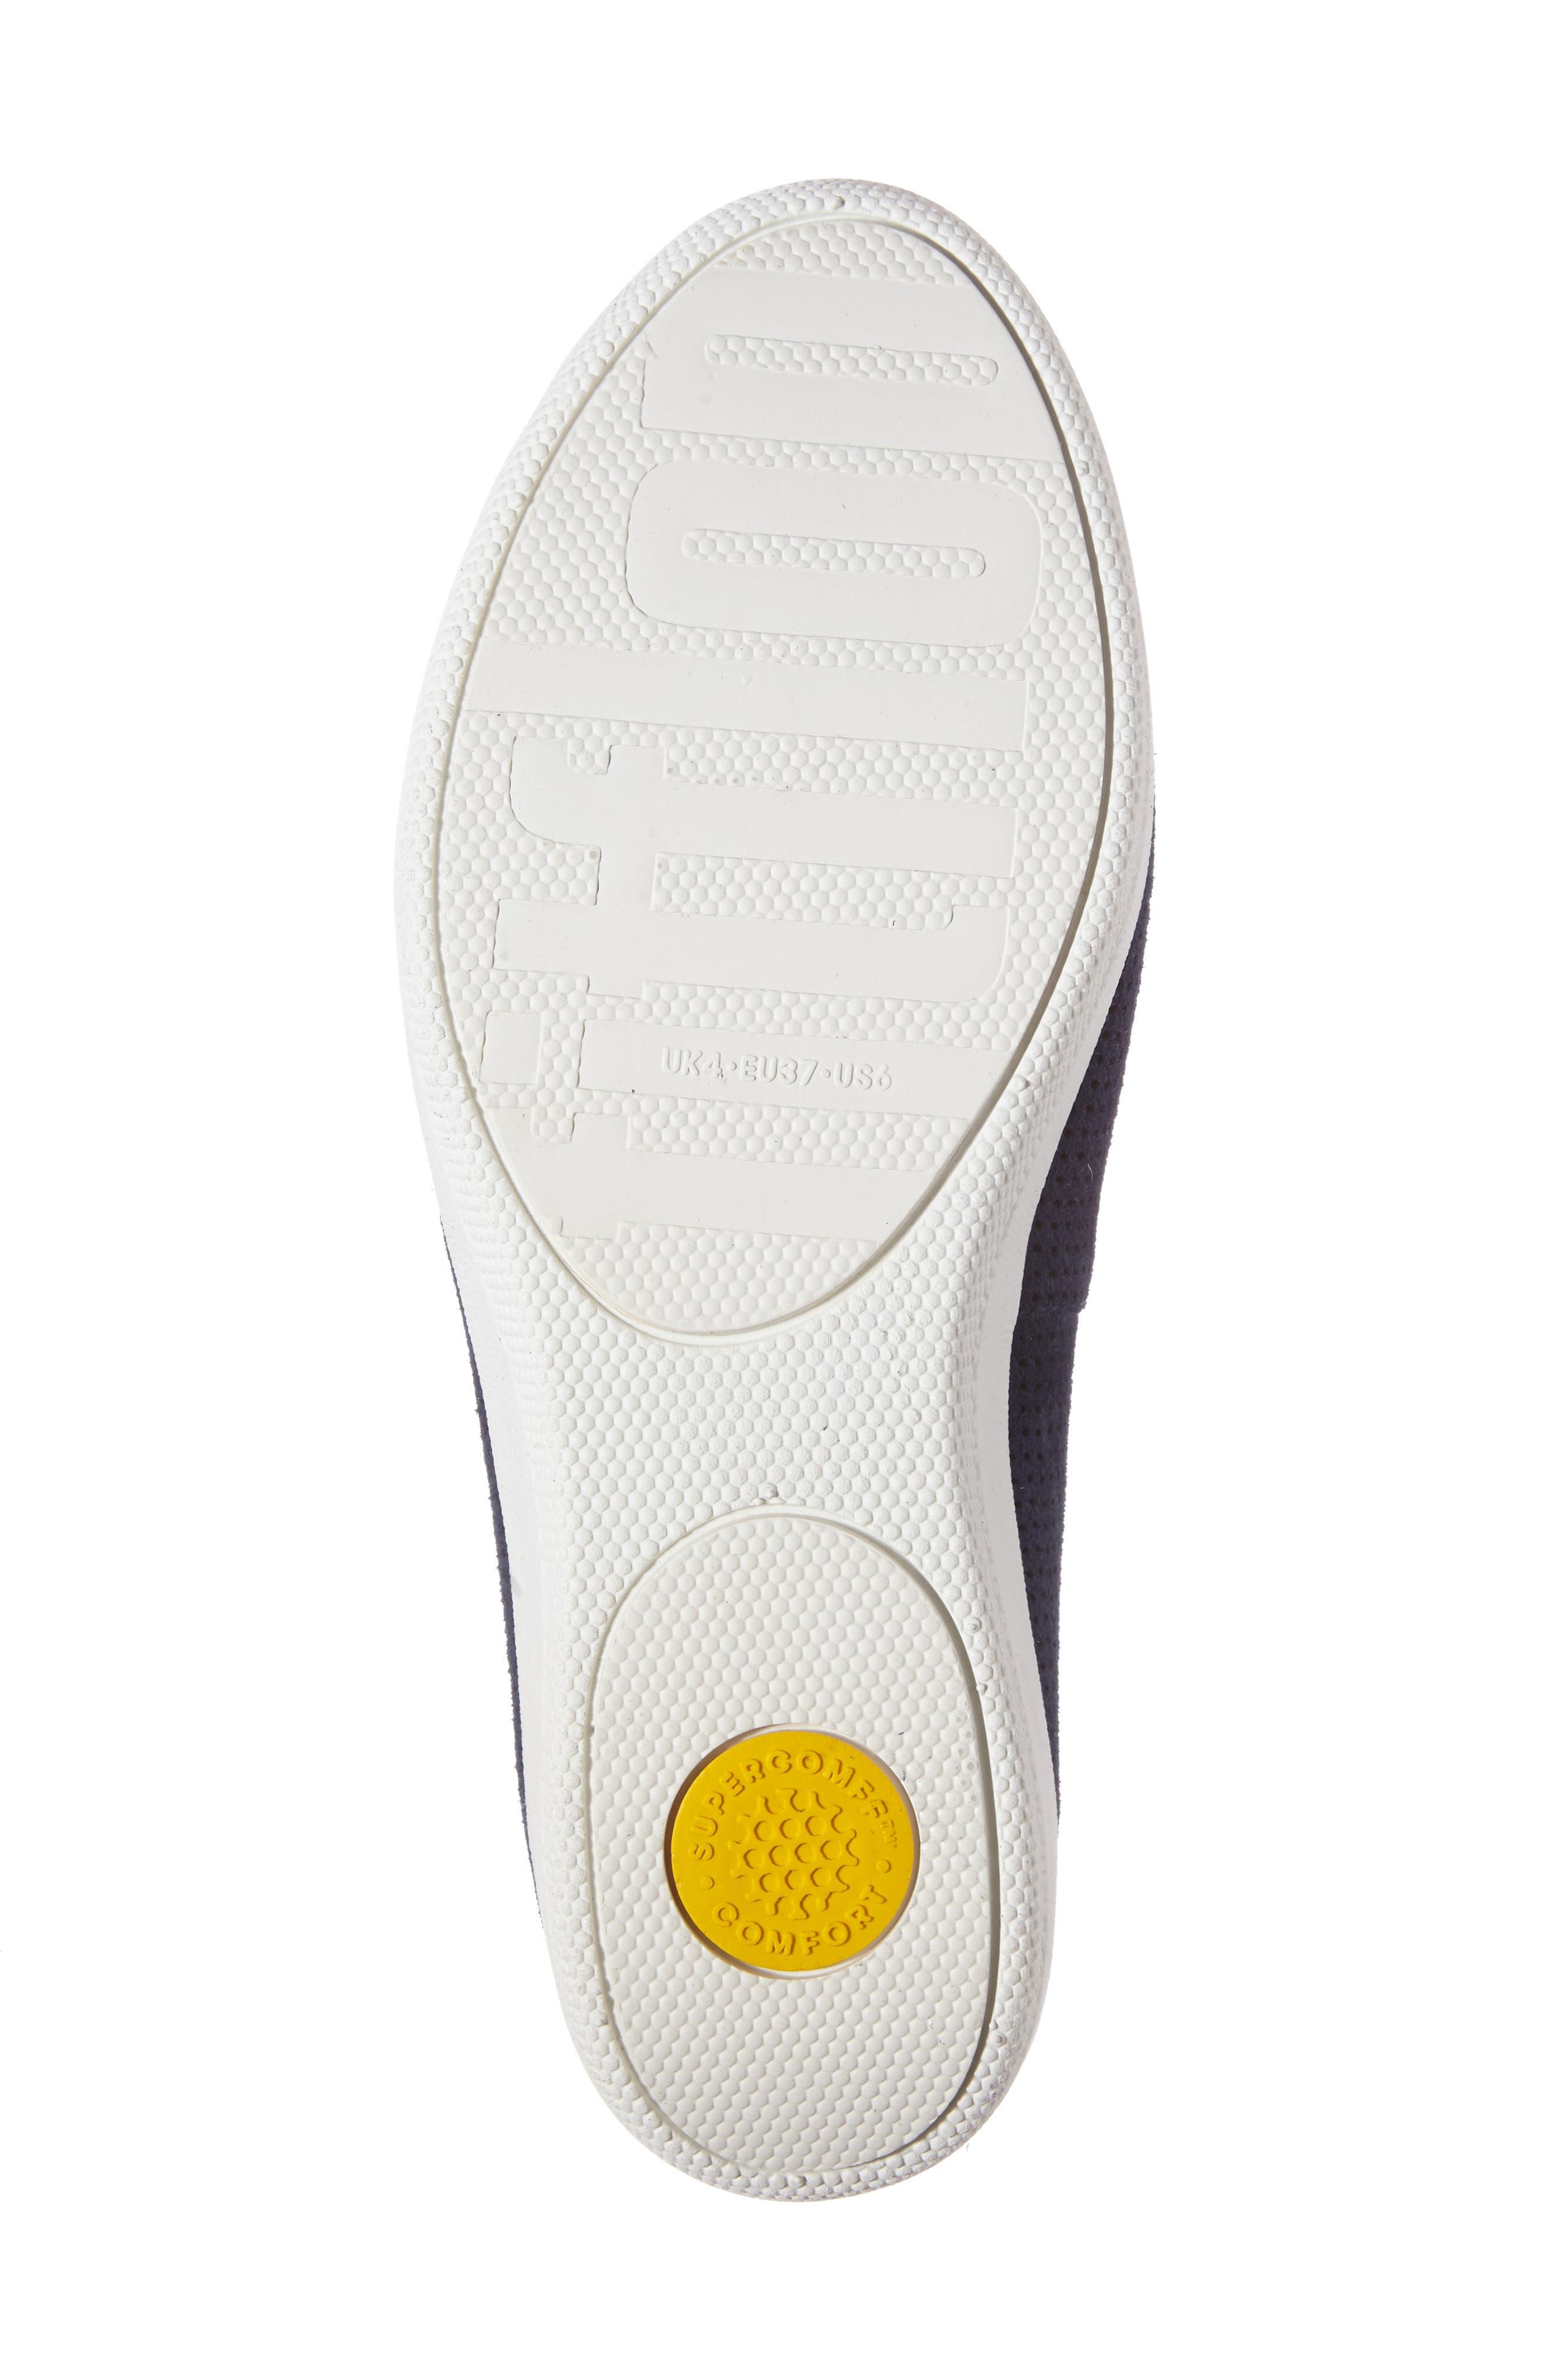 Superskate Slip-On Sneaker,                             Alternate thumbnail 73, color,